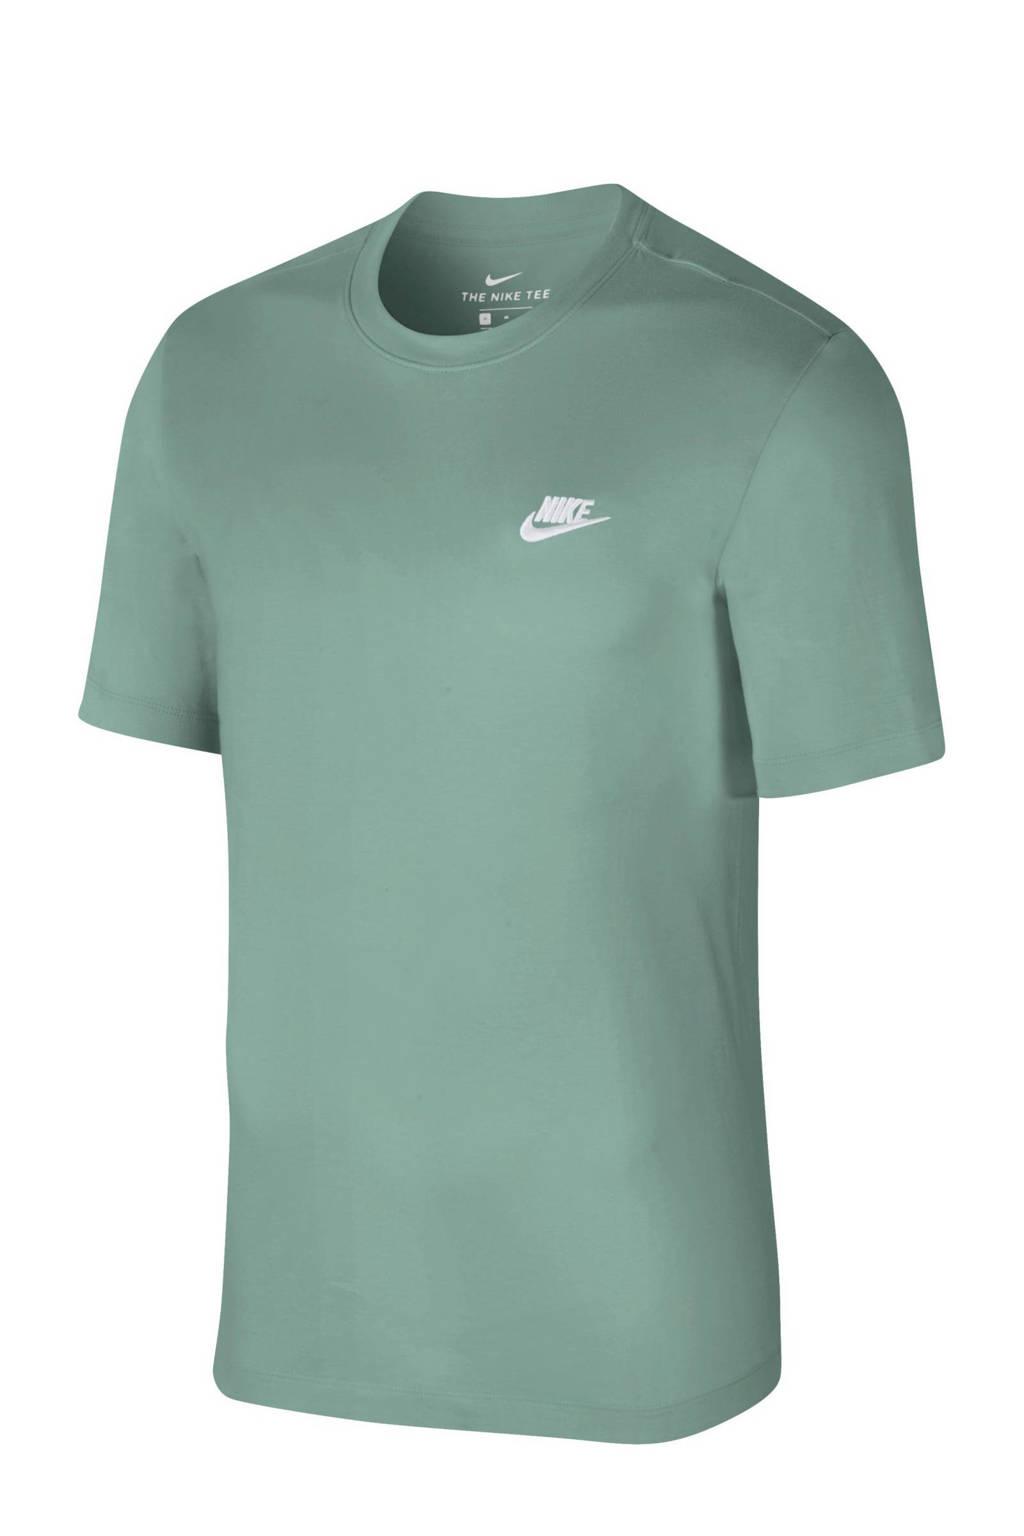 Nike T-shirt grijsgroen, Grijsgroen